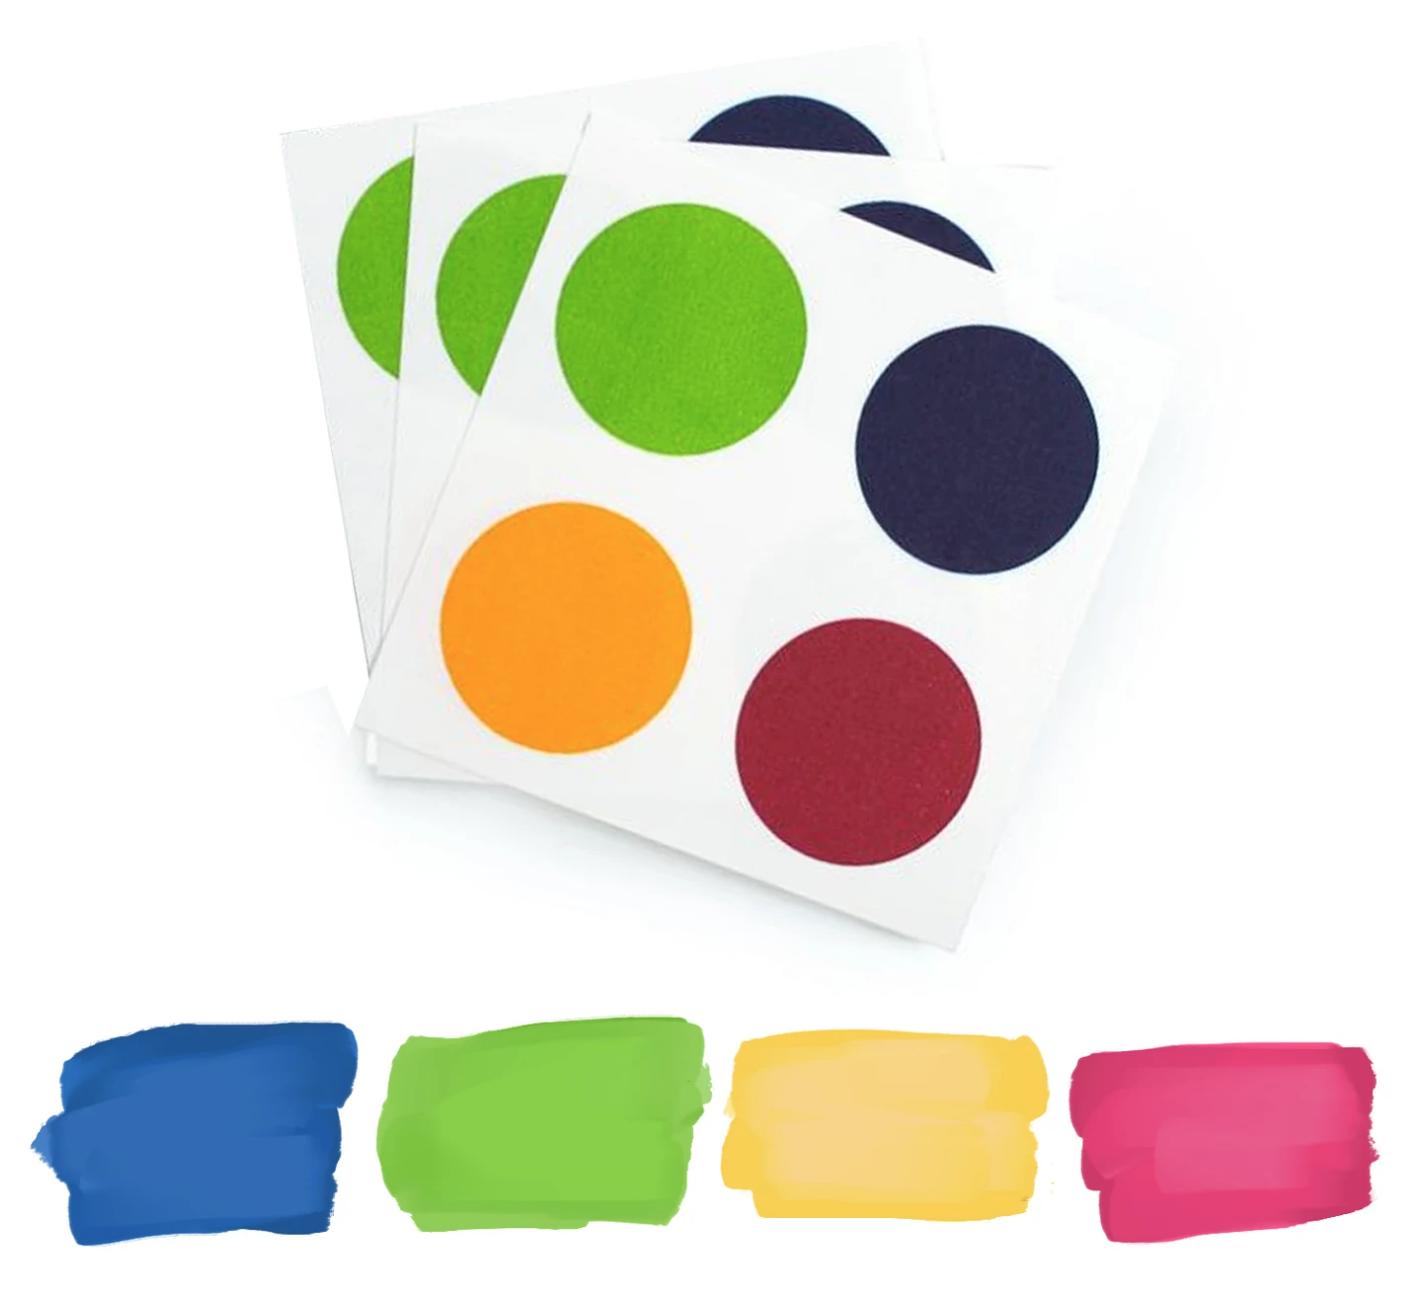 PYO Paint Palettes - Original Colors